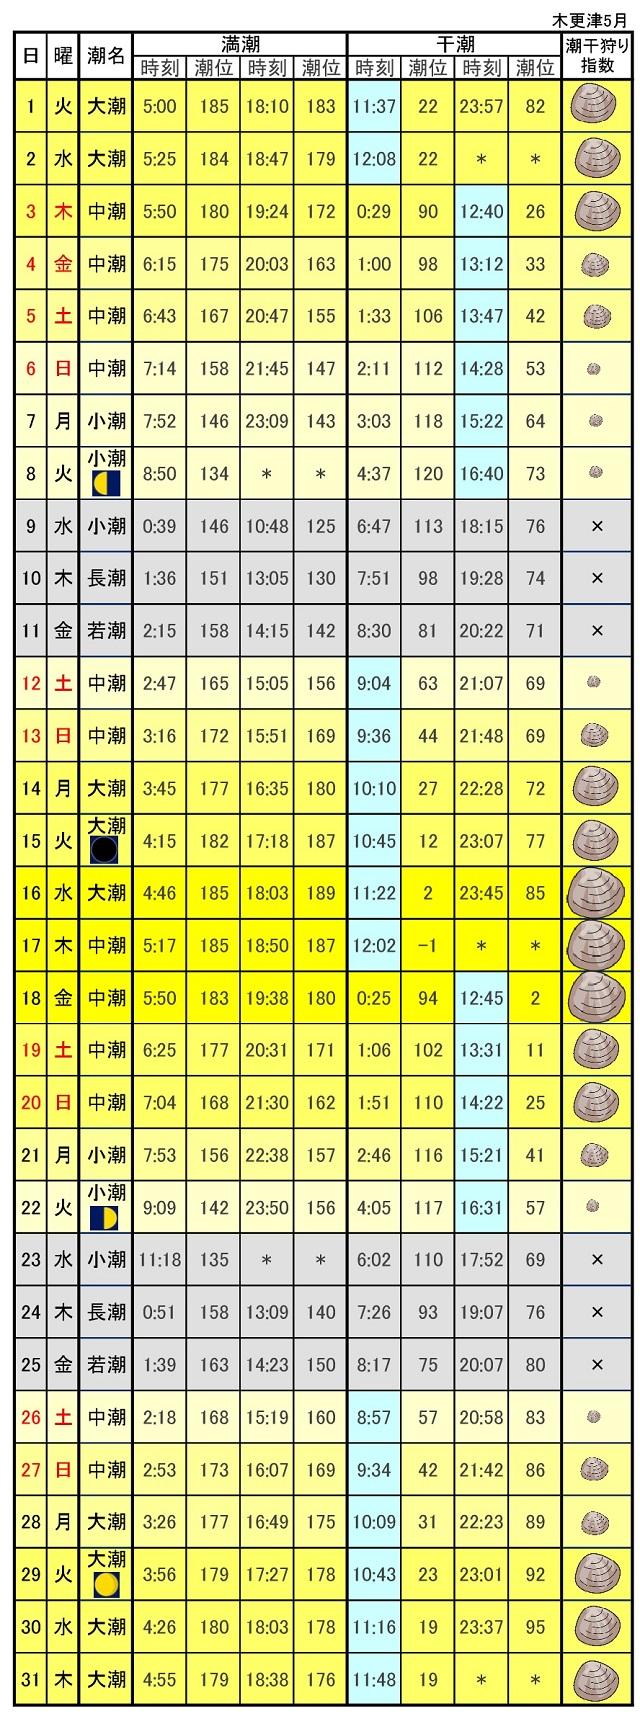 木更津潮干狩りカレンダー2018年5月